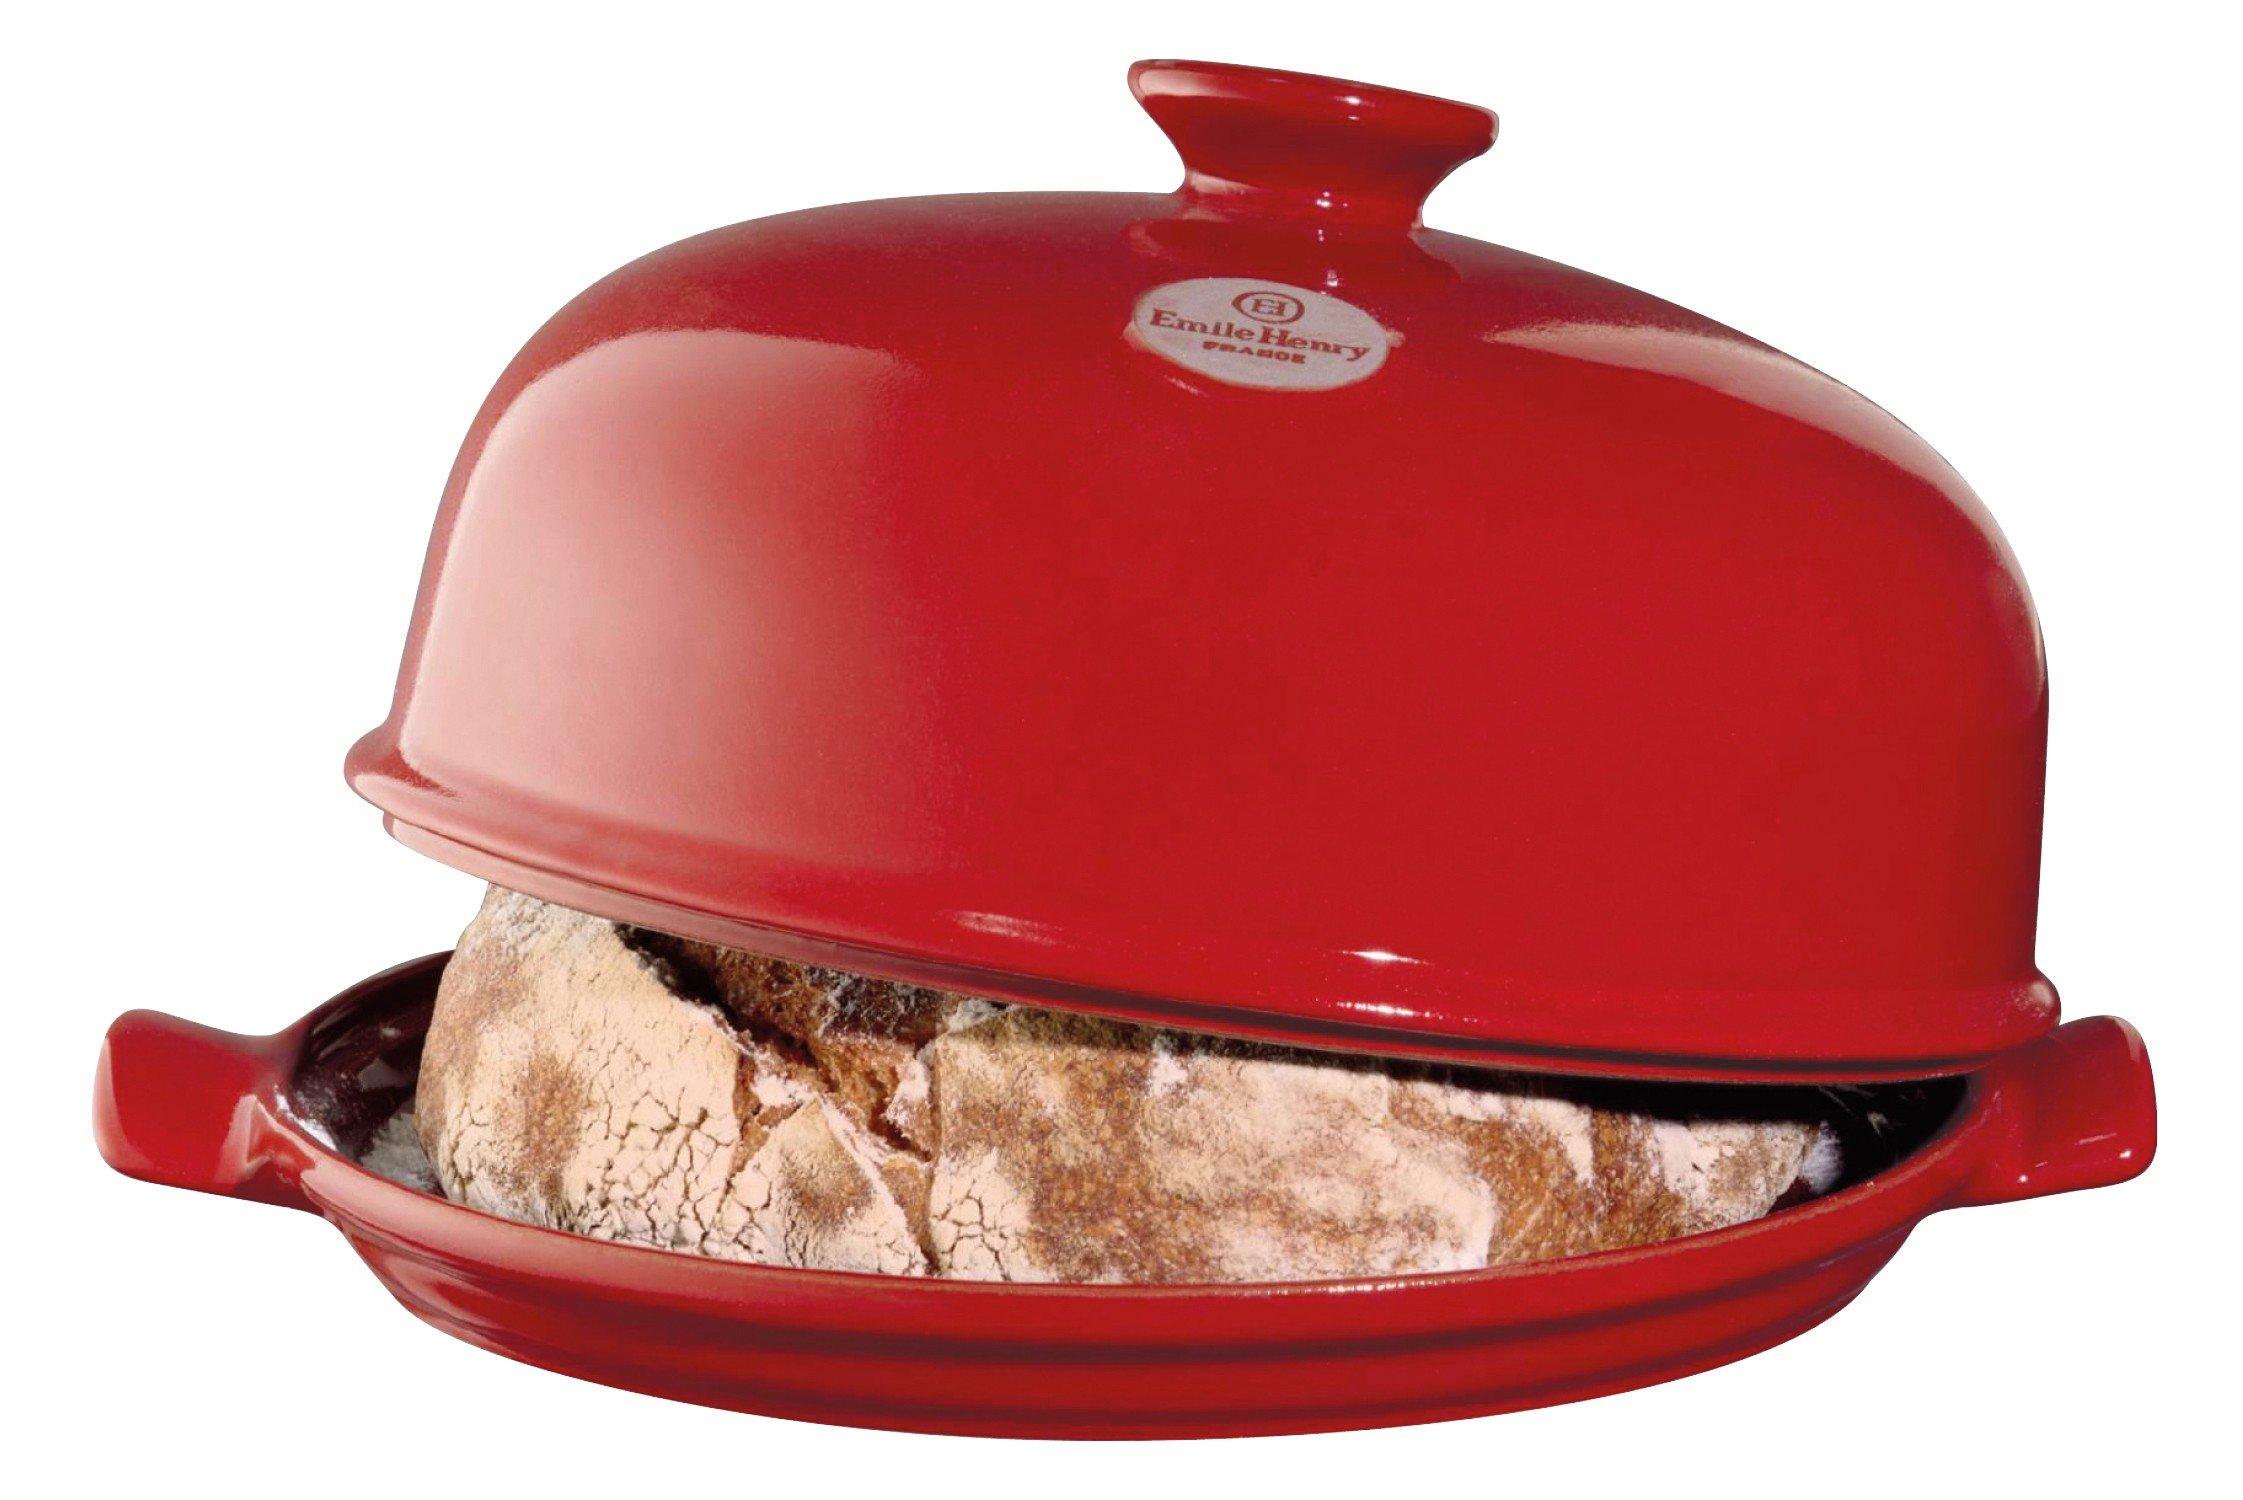 Emile Henry - Bread Baking Set - Red